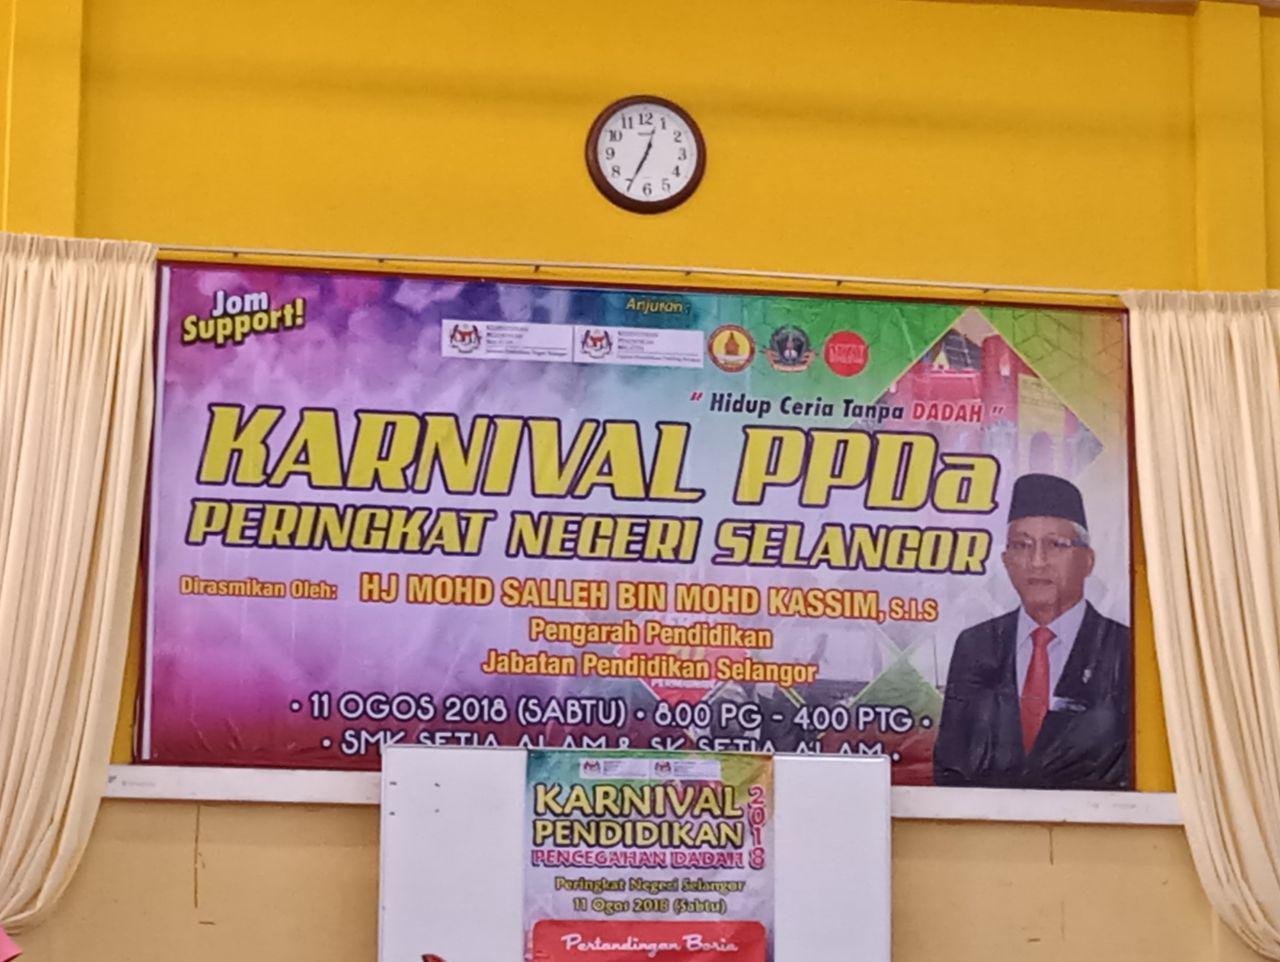 dalam karnival ppda peringkat negeri yang diadakan di smk setia alam aktiviti yang disertai oleh murid sk seafield ialah pertandingan melukis poster